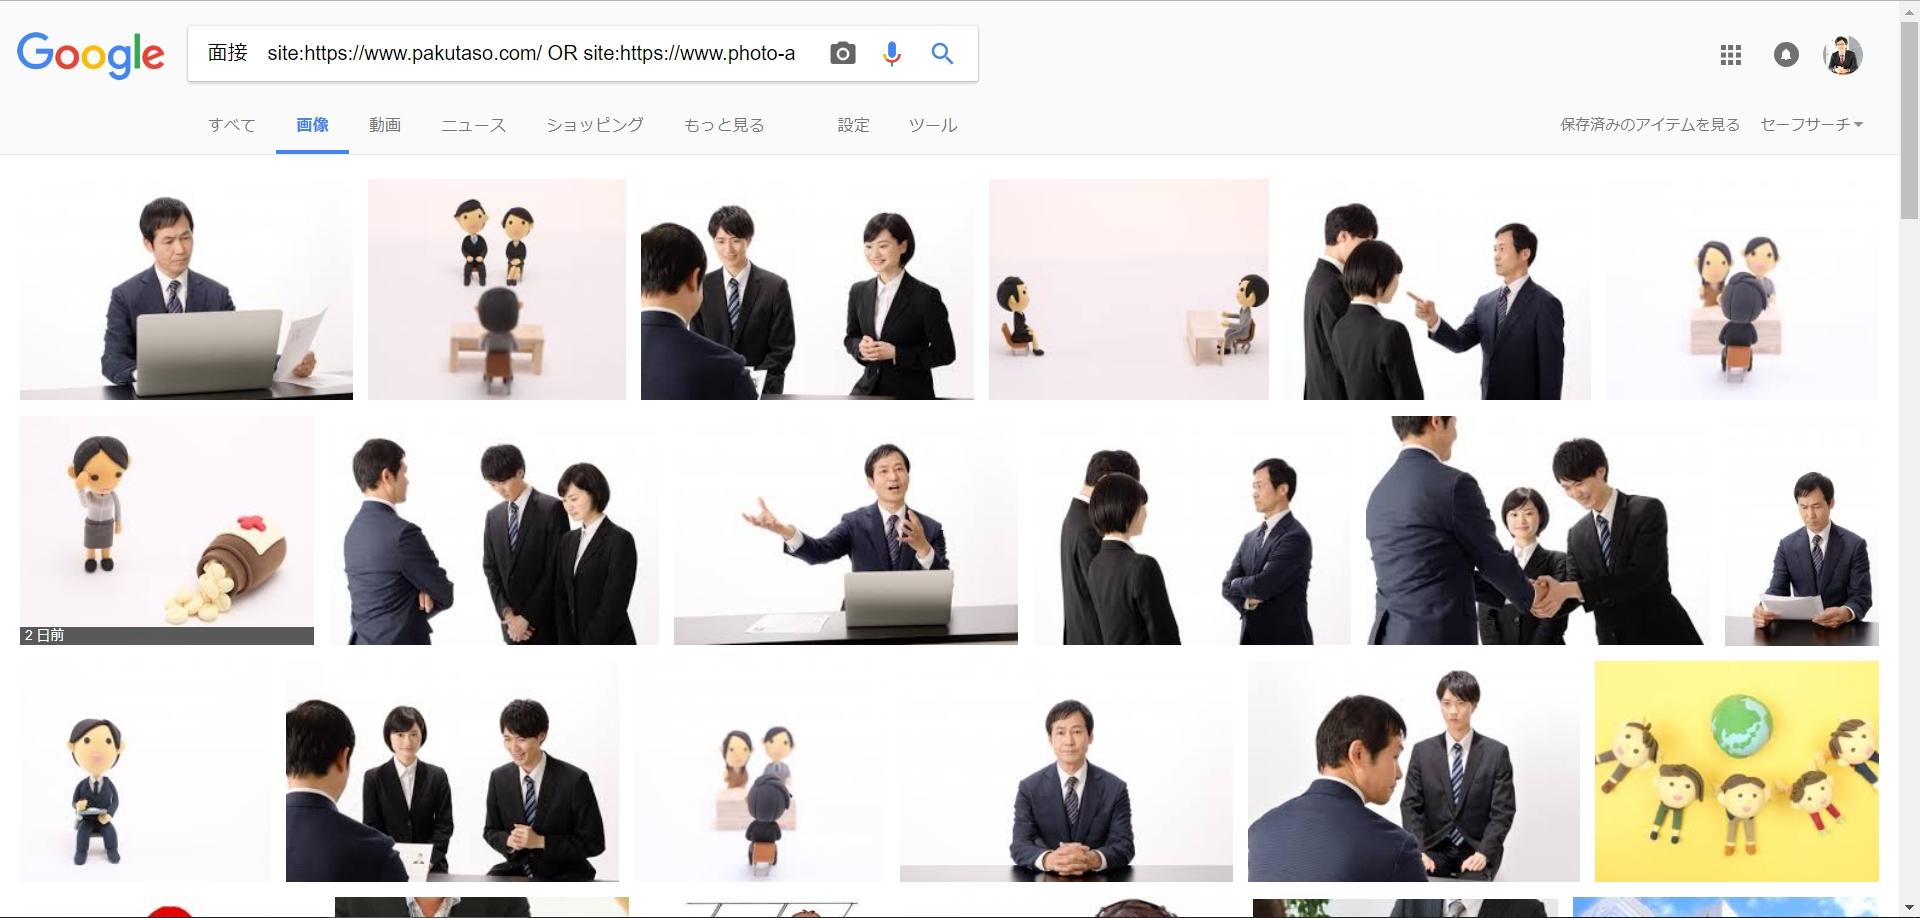 本当に無料でライセンスフリーの「フリー素材」の簡単な探し方(商用利用OKの写真やイラストを探す方法)